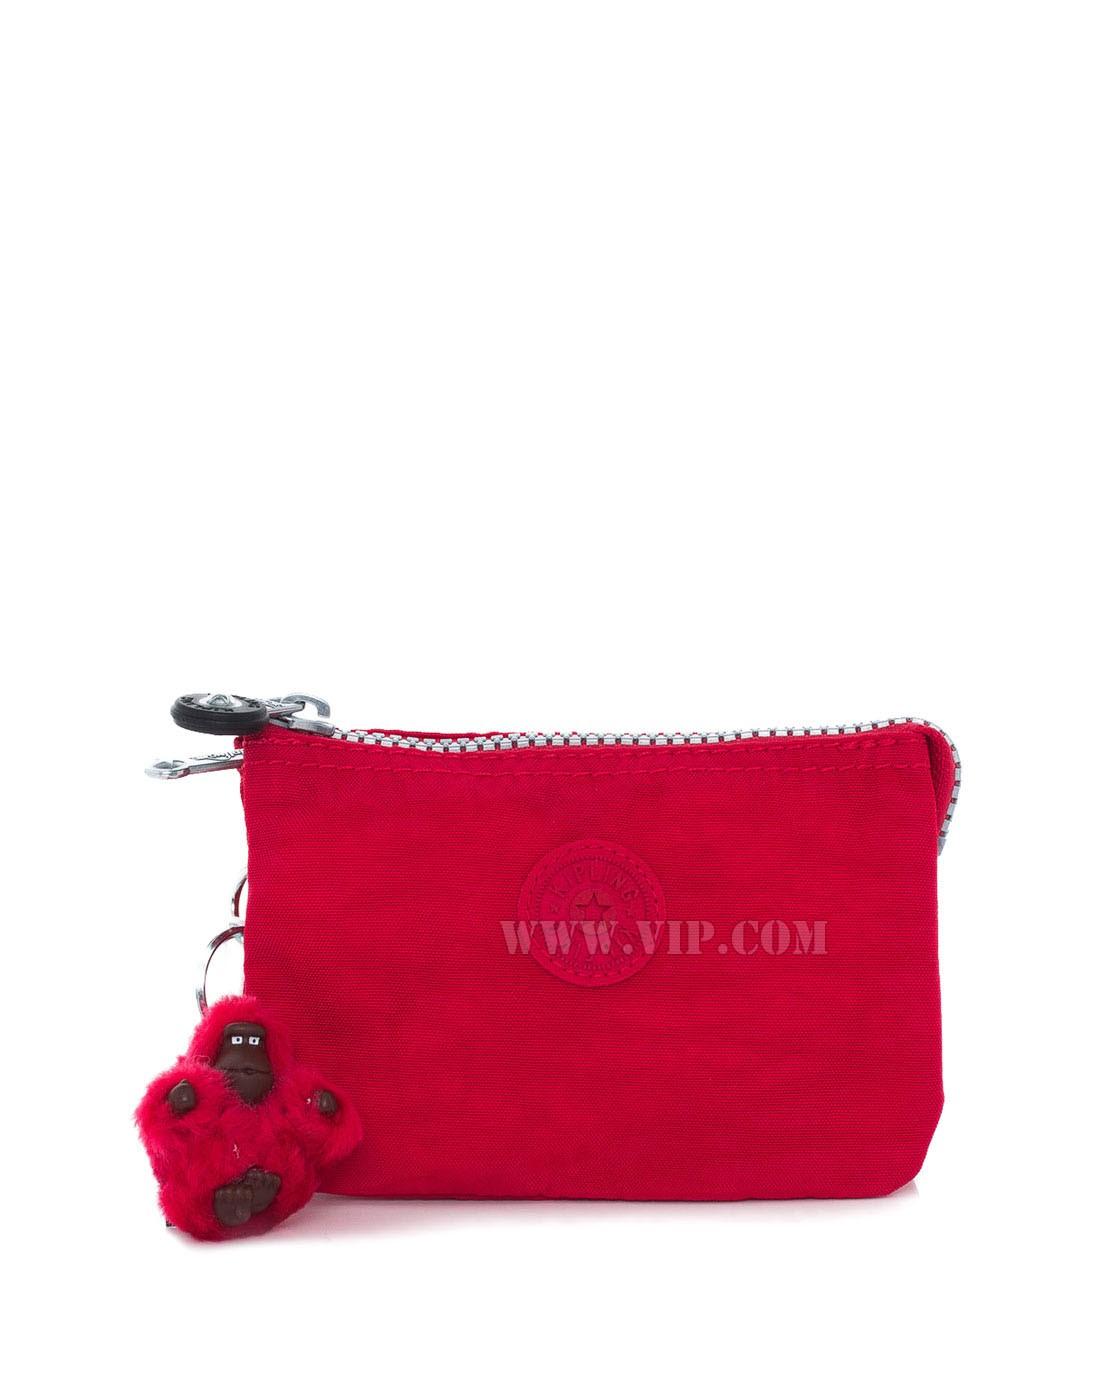 红色简约手机零钱包